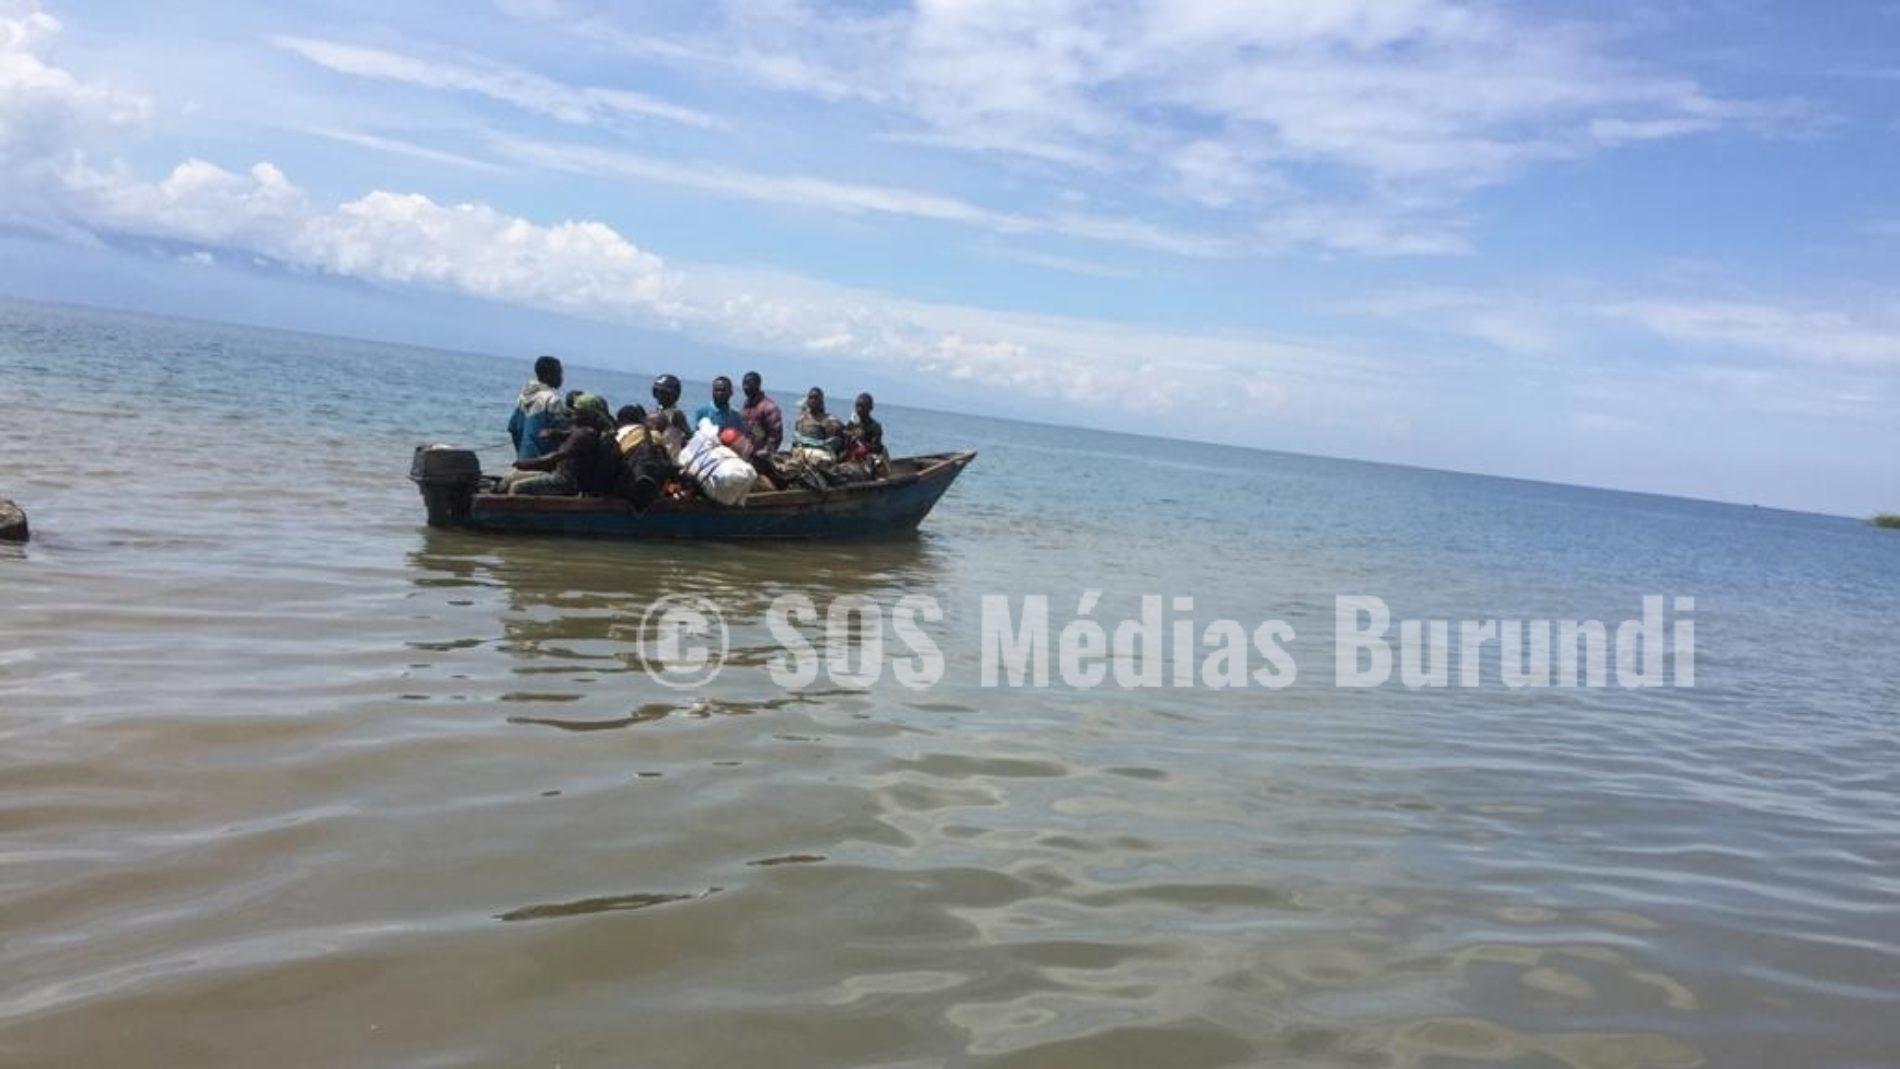 Burundi : la marine annonce de nouvelles mesures de sécurité sur le lac Tanganyika